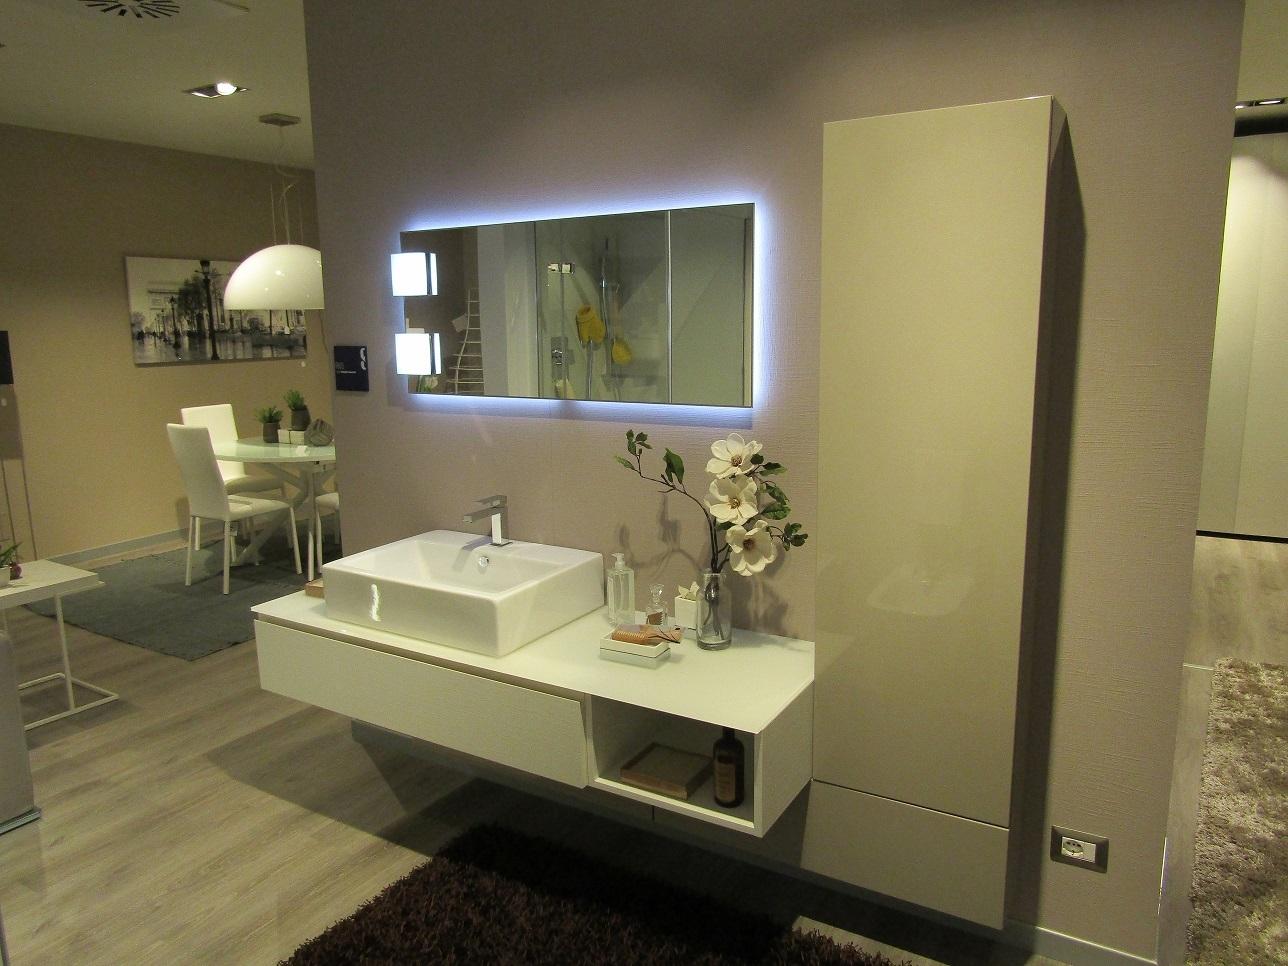 Scavolini bathrooms rivo arredo bagno a prezzi scontati - Arredo bagno scavolini prezzi ...